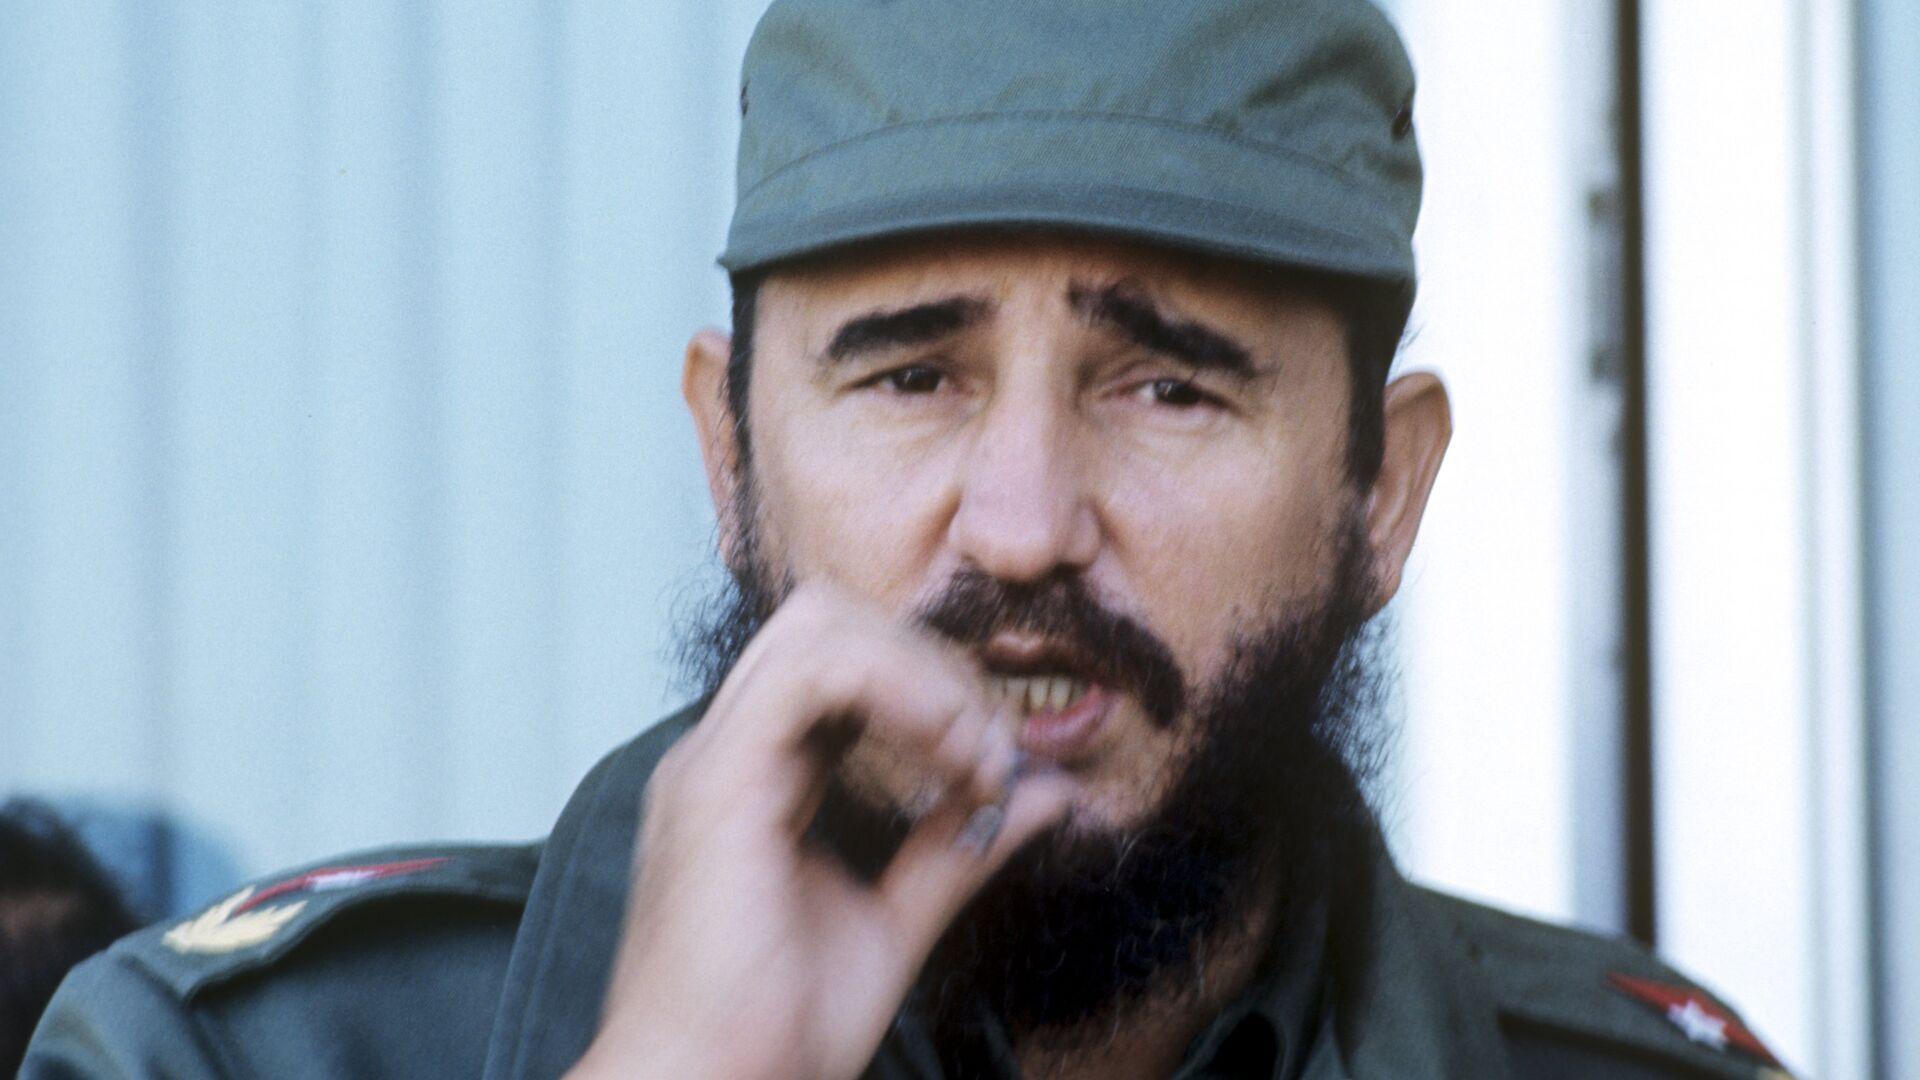 Fidel Castro, el líder de la Revolución cubana - Sputnik Mundo, 1920, 13.08.2021